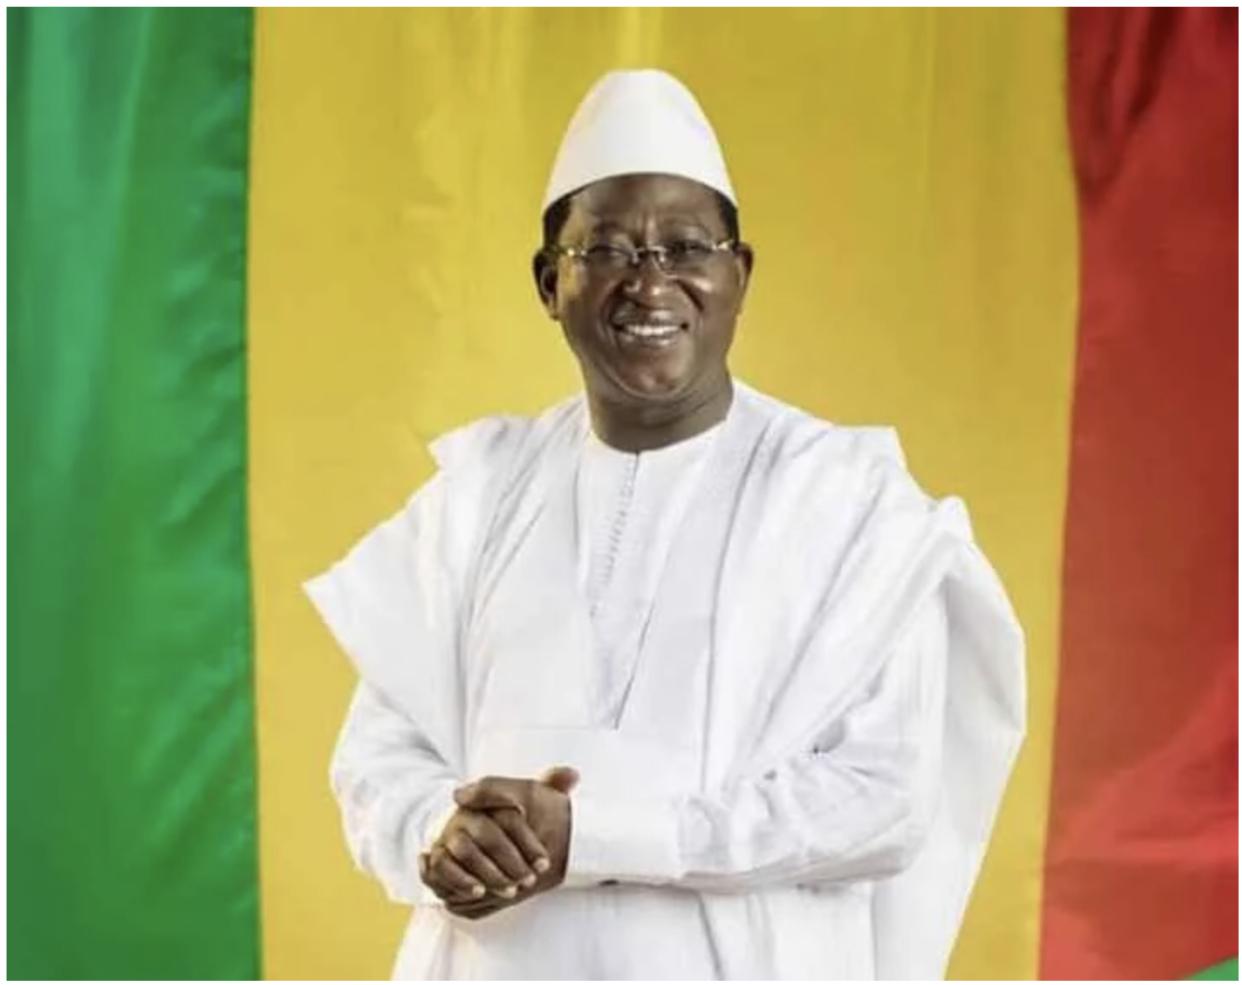 Mali / Décès de Soumaila Cissé : Le parcours guerrier d'un résistant de 71 ans emporté par la Covid-19.